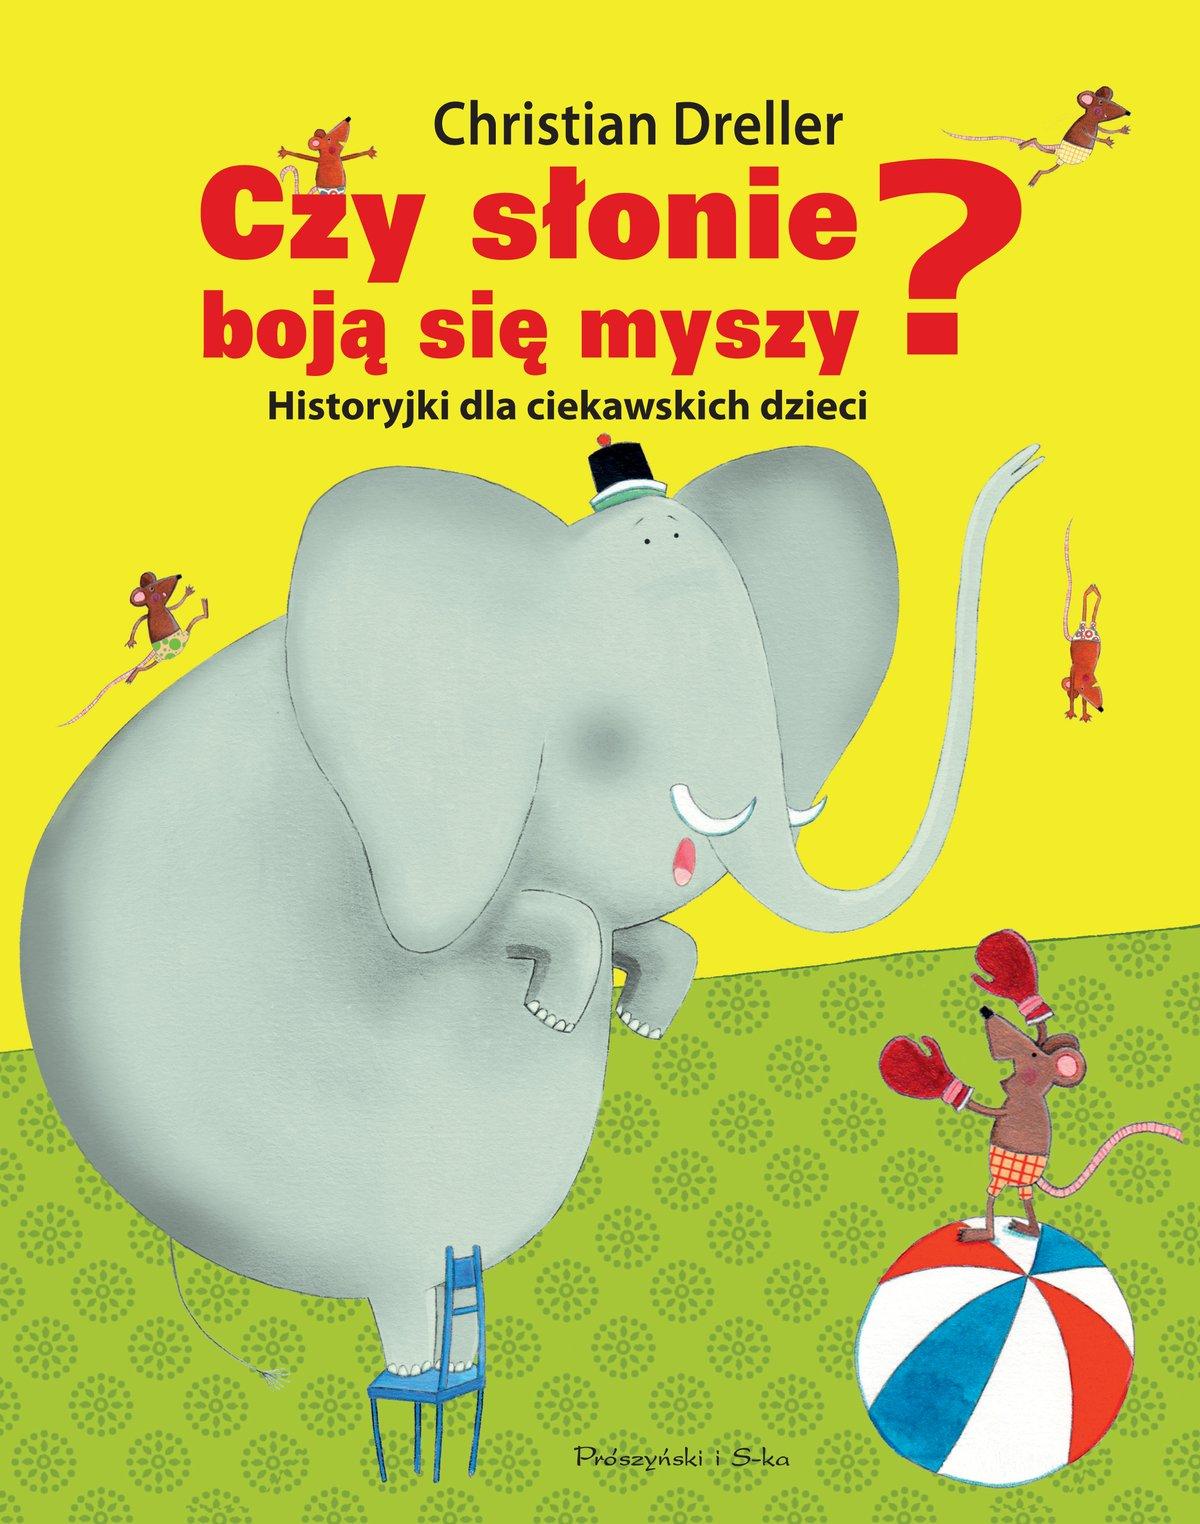 Czy słonie boją się myszy? Historyjki dla ciekawskich dzieci - Ebook (Książka EPUB) do pobrania w formacie EPUB